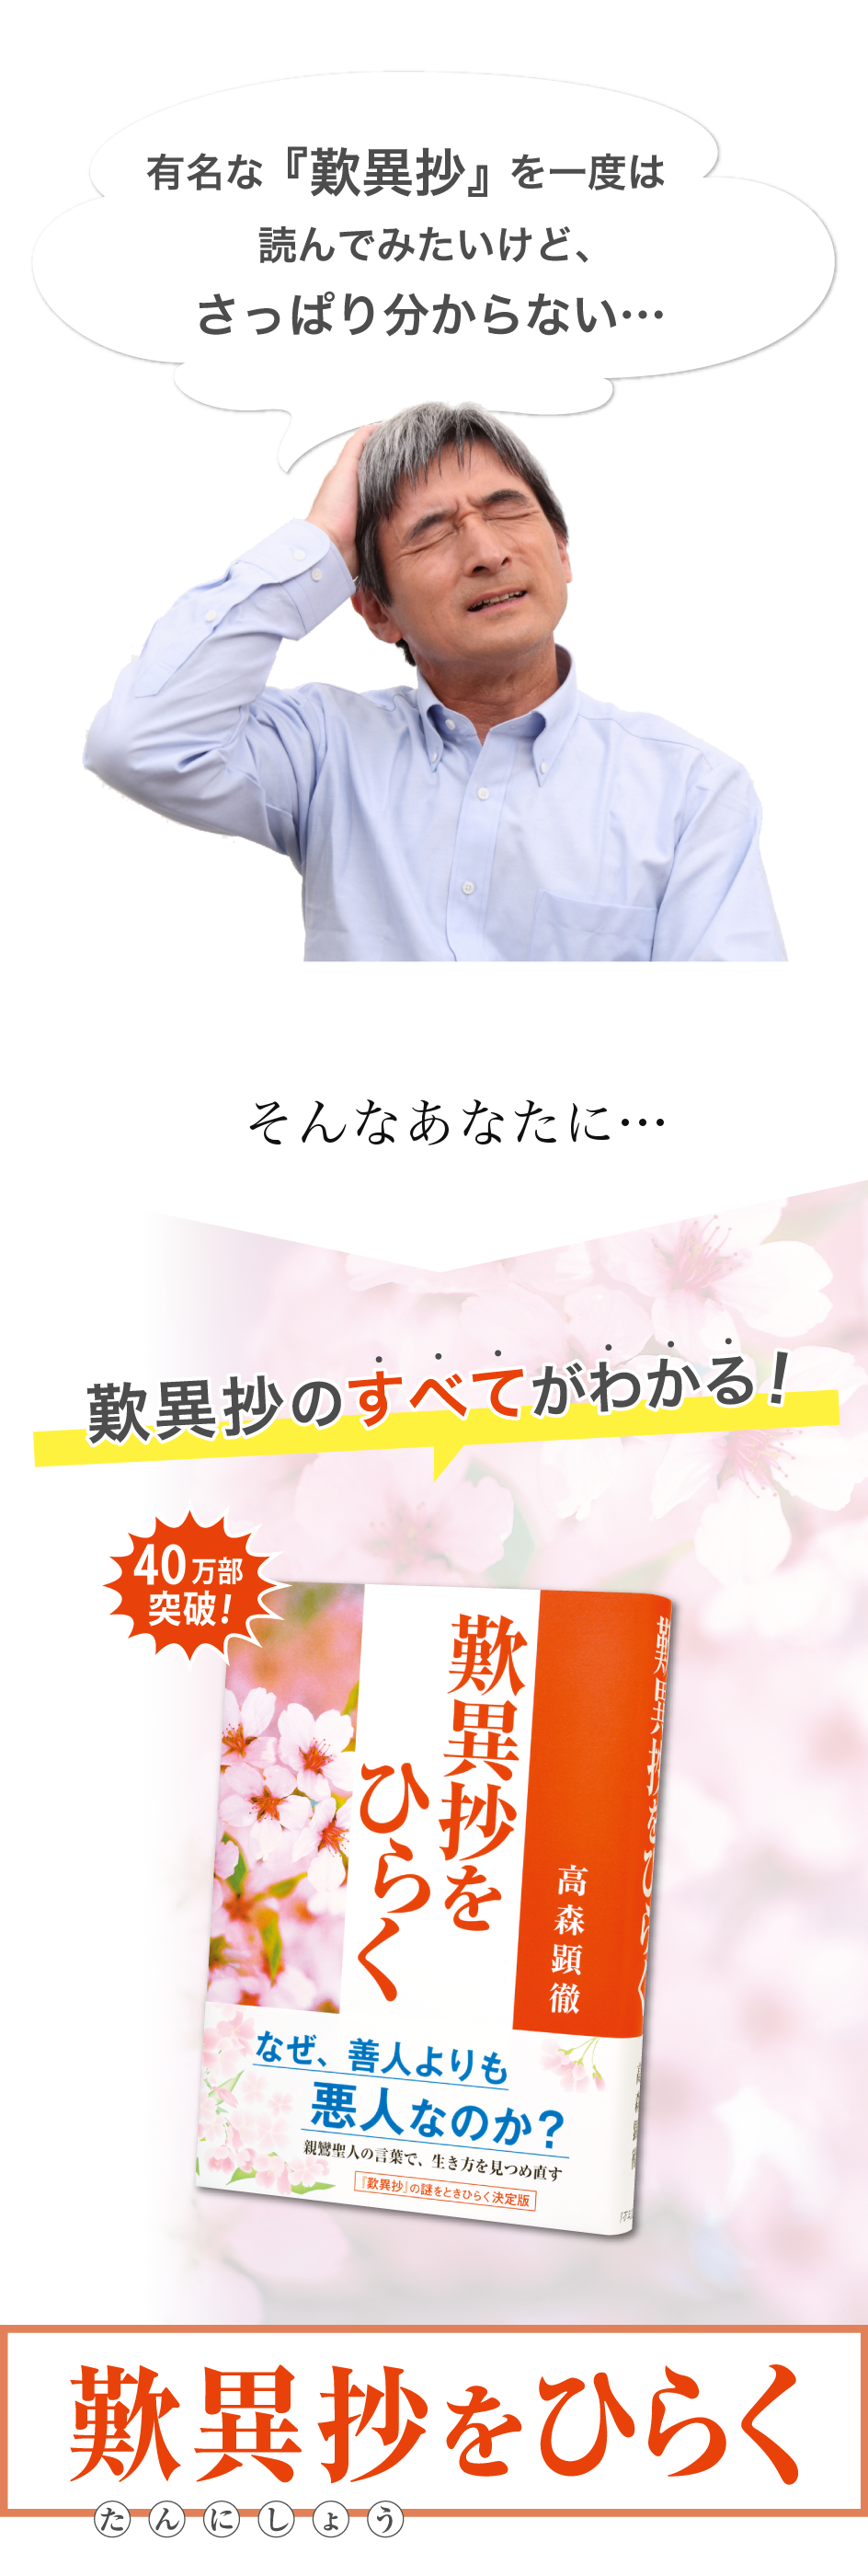 『歎異抄をひらく』ご購入&無料プレゼント応募ページの画像2